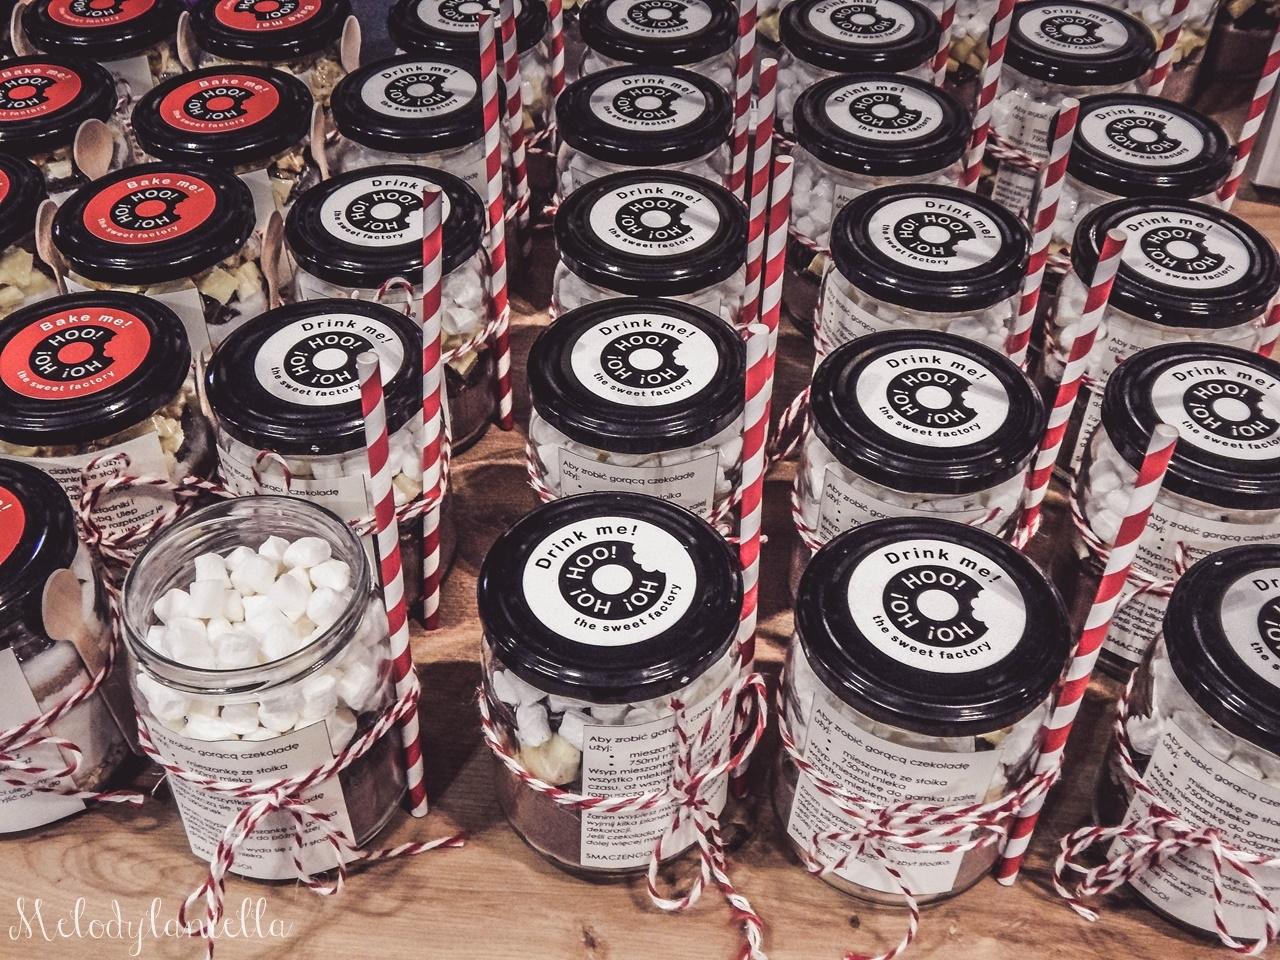 6 nietypowy jarmark świąteczny piotrkowska 217 co dzieje się w łodzi dwukropek ogrody zofii bożonarodzeniowy jarmark targ świąteczny świat z lukru pierniki świąteczne łódź biżuteria handmade piando zigner